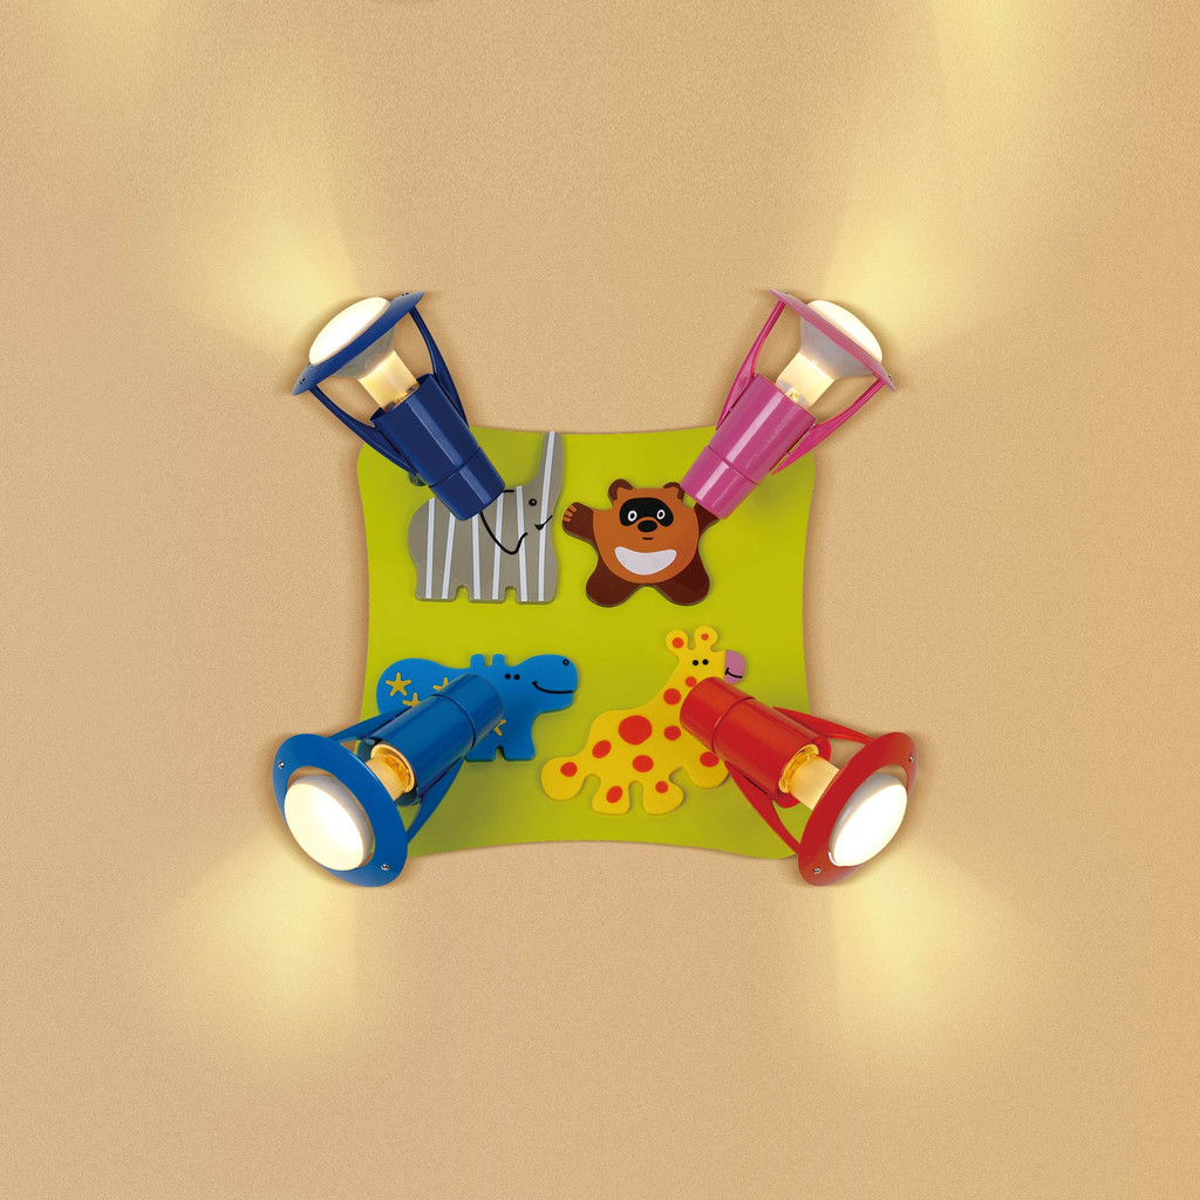 Потолочная люстра с регулировкой направления света Citilux Зоопарк CL602541, 4xE14x60W, разноцветный, металл - фото 1